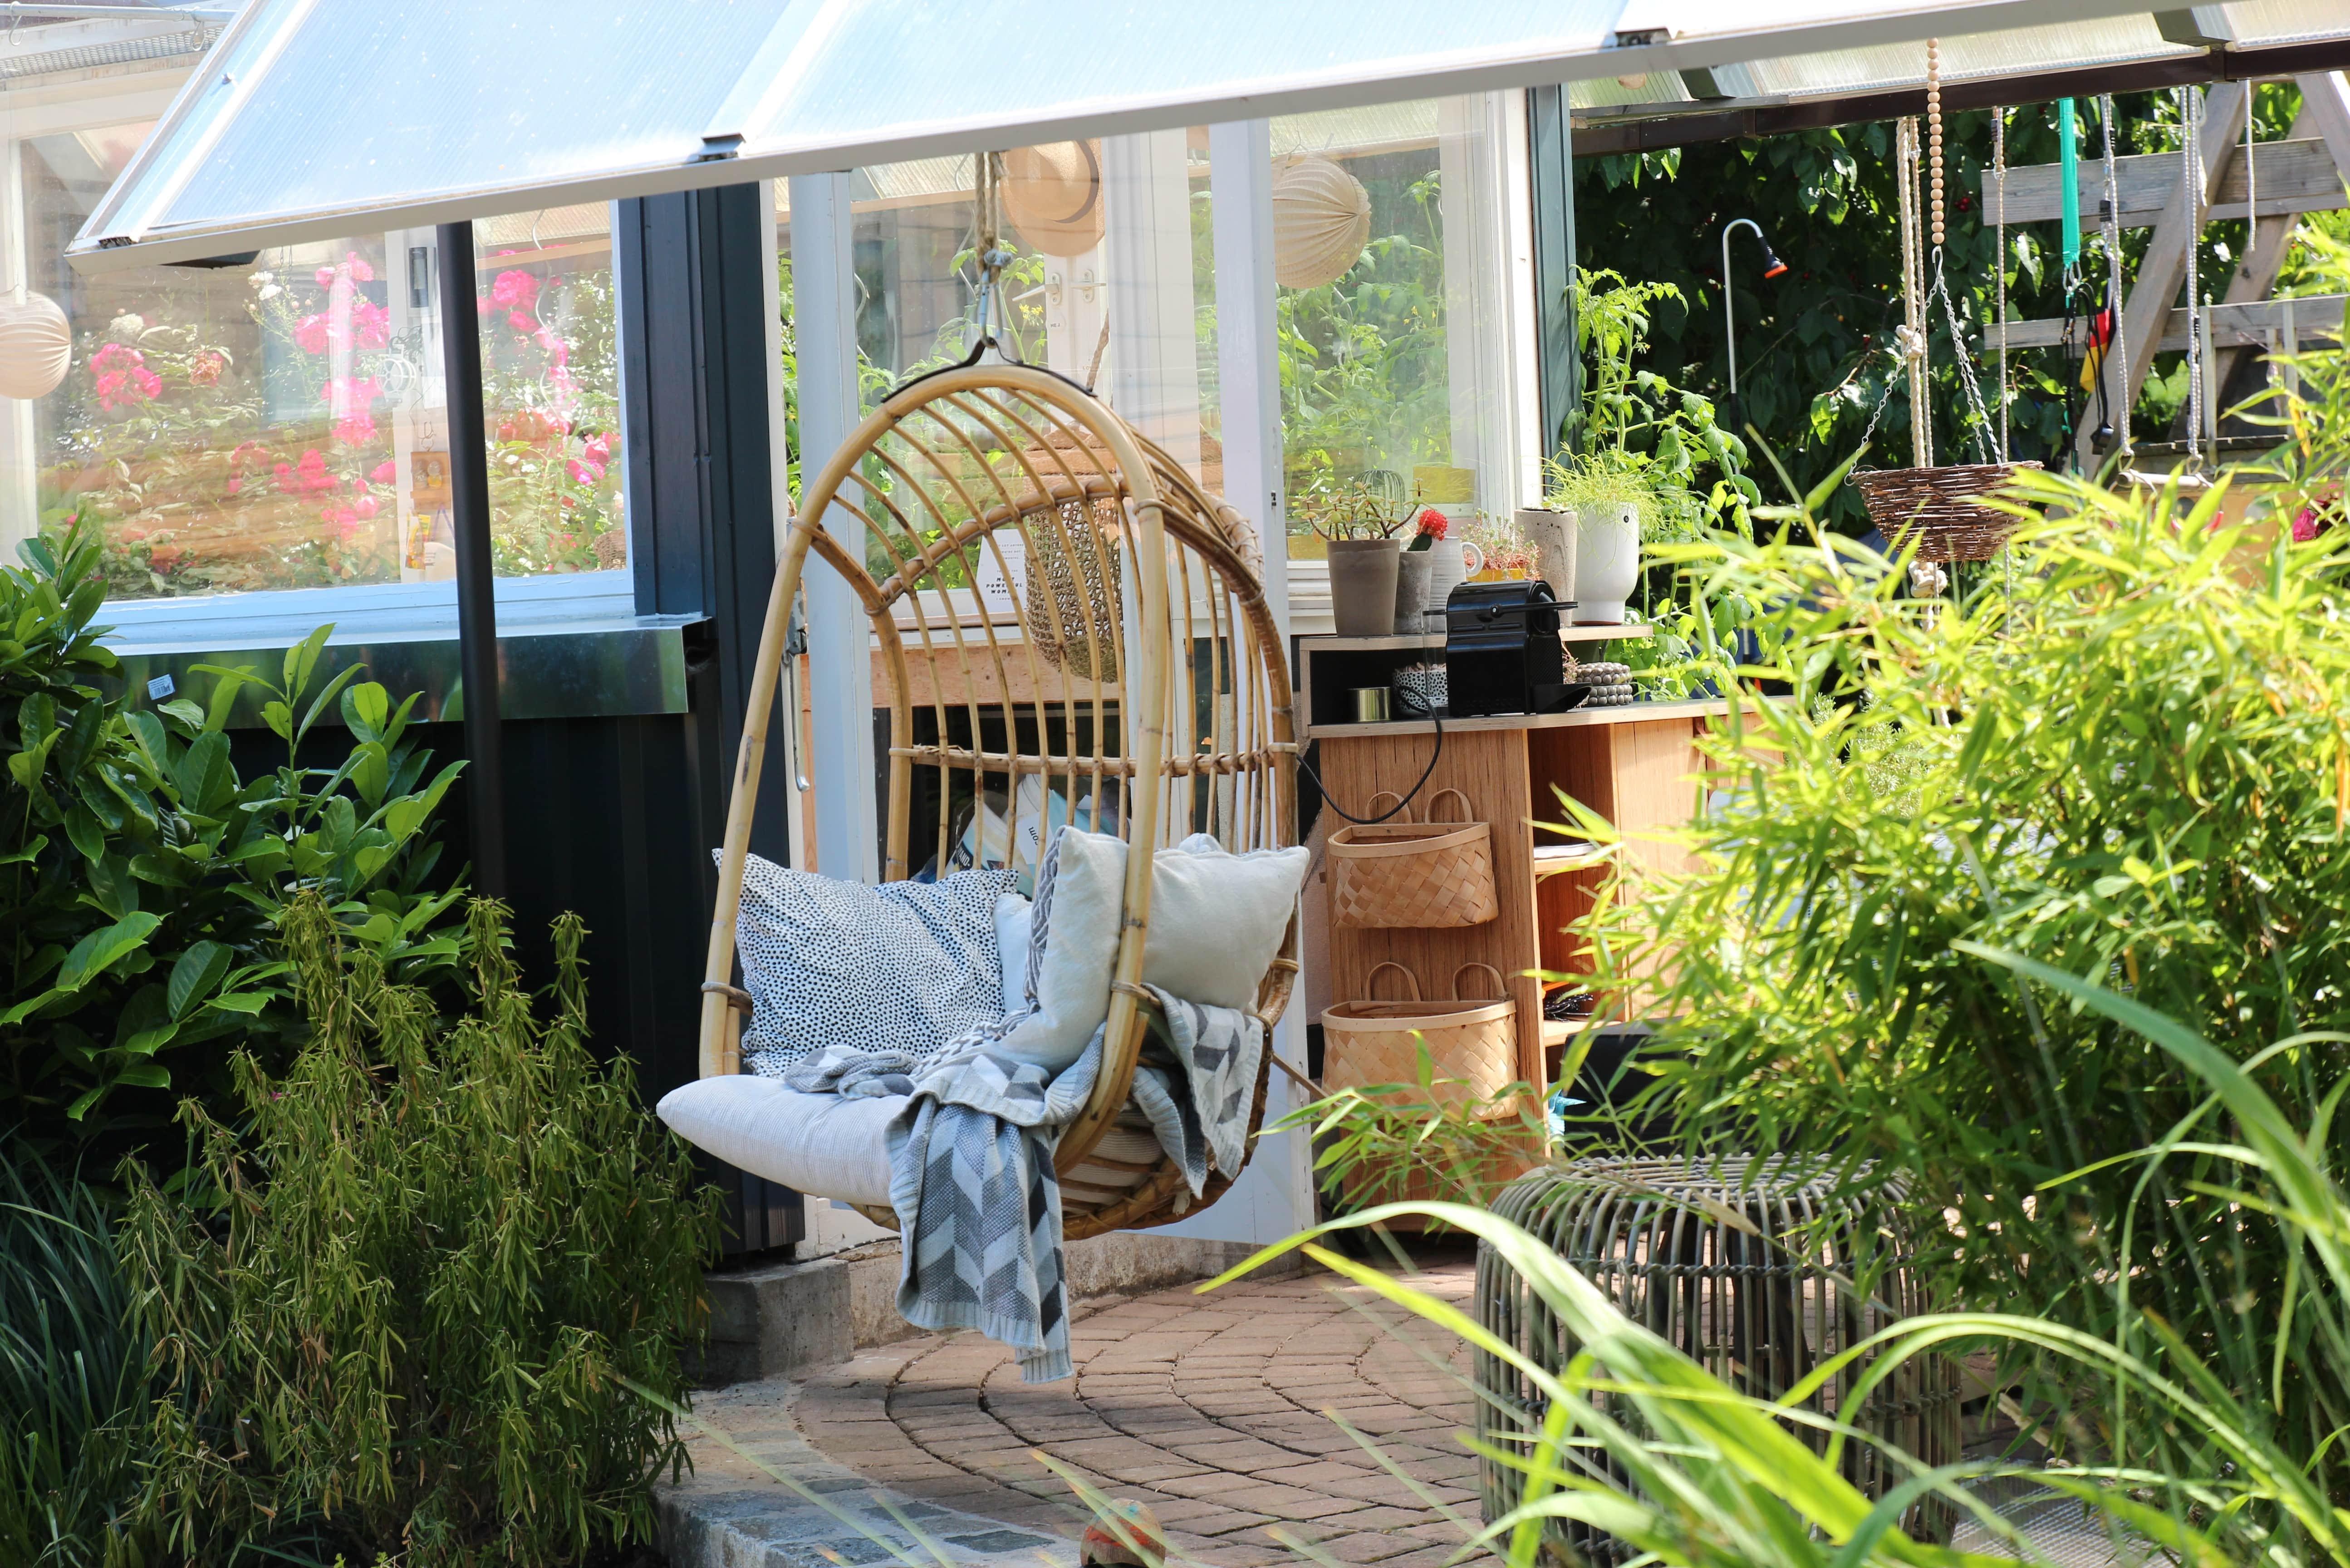 gemütlicher Schaukelsessel im Garten - Zuhause bei Stefanie - Dekoideen und zeitlose Accessoires zeigt sie bei desmondo.de